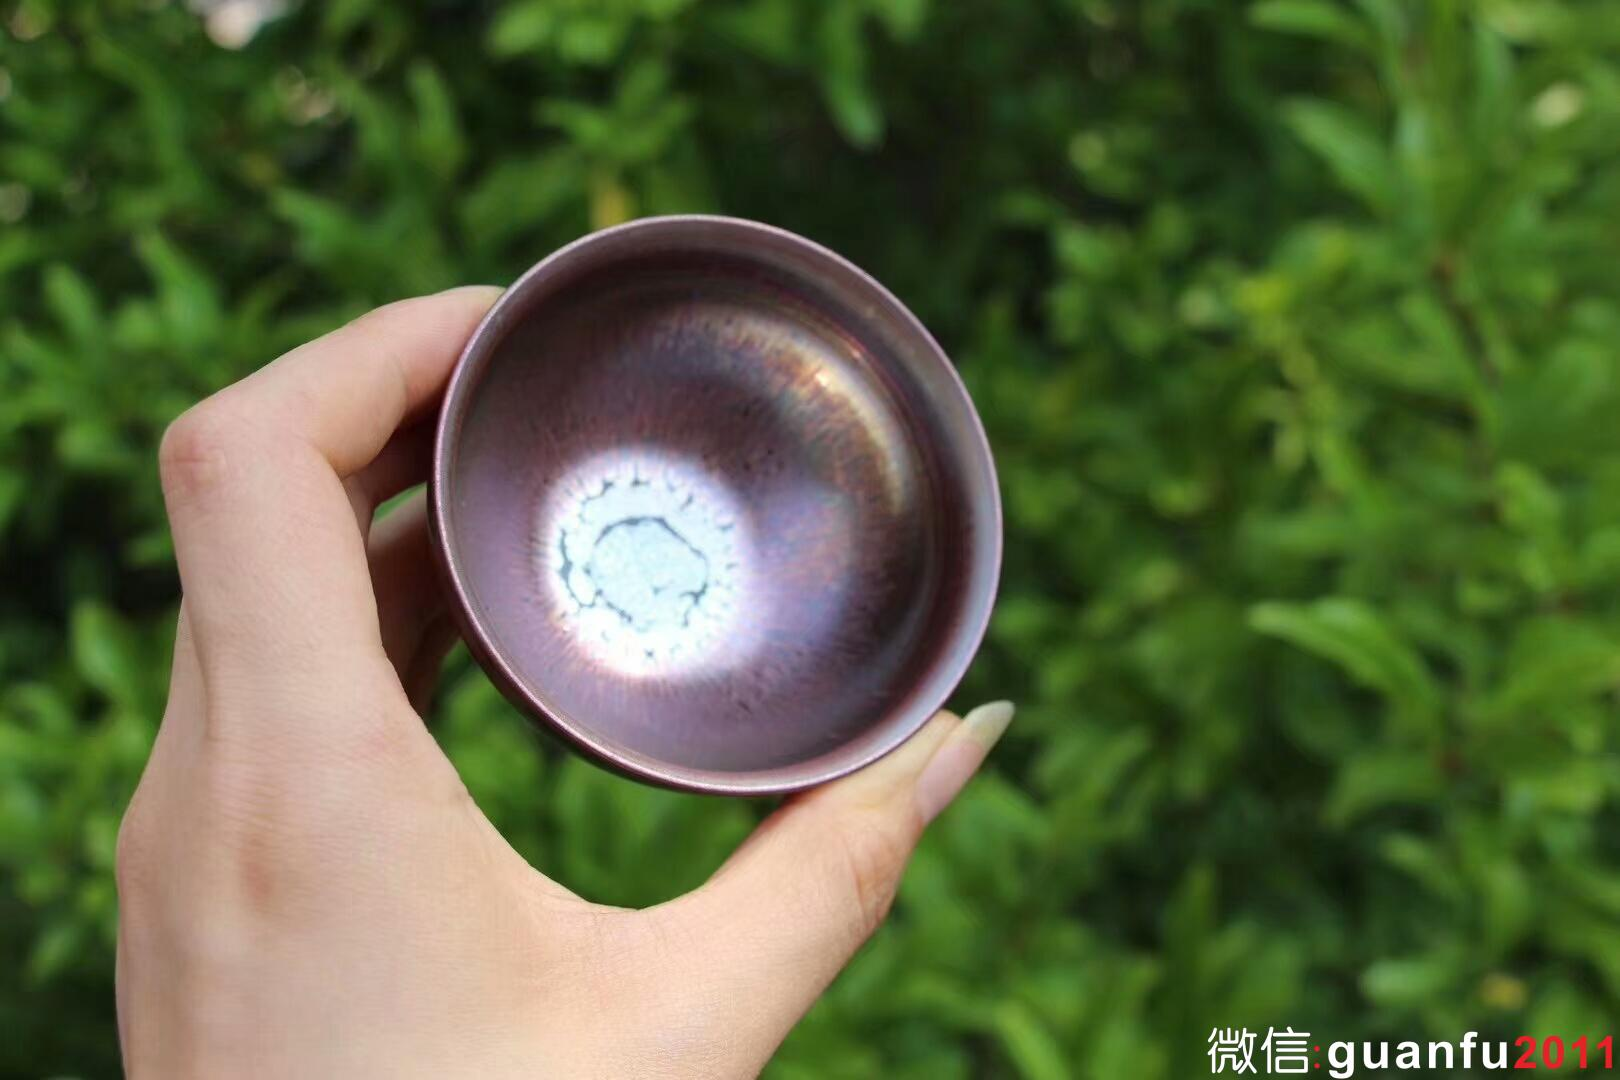 《紫意》对杯 郑勇手作